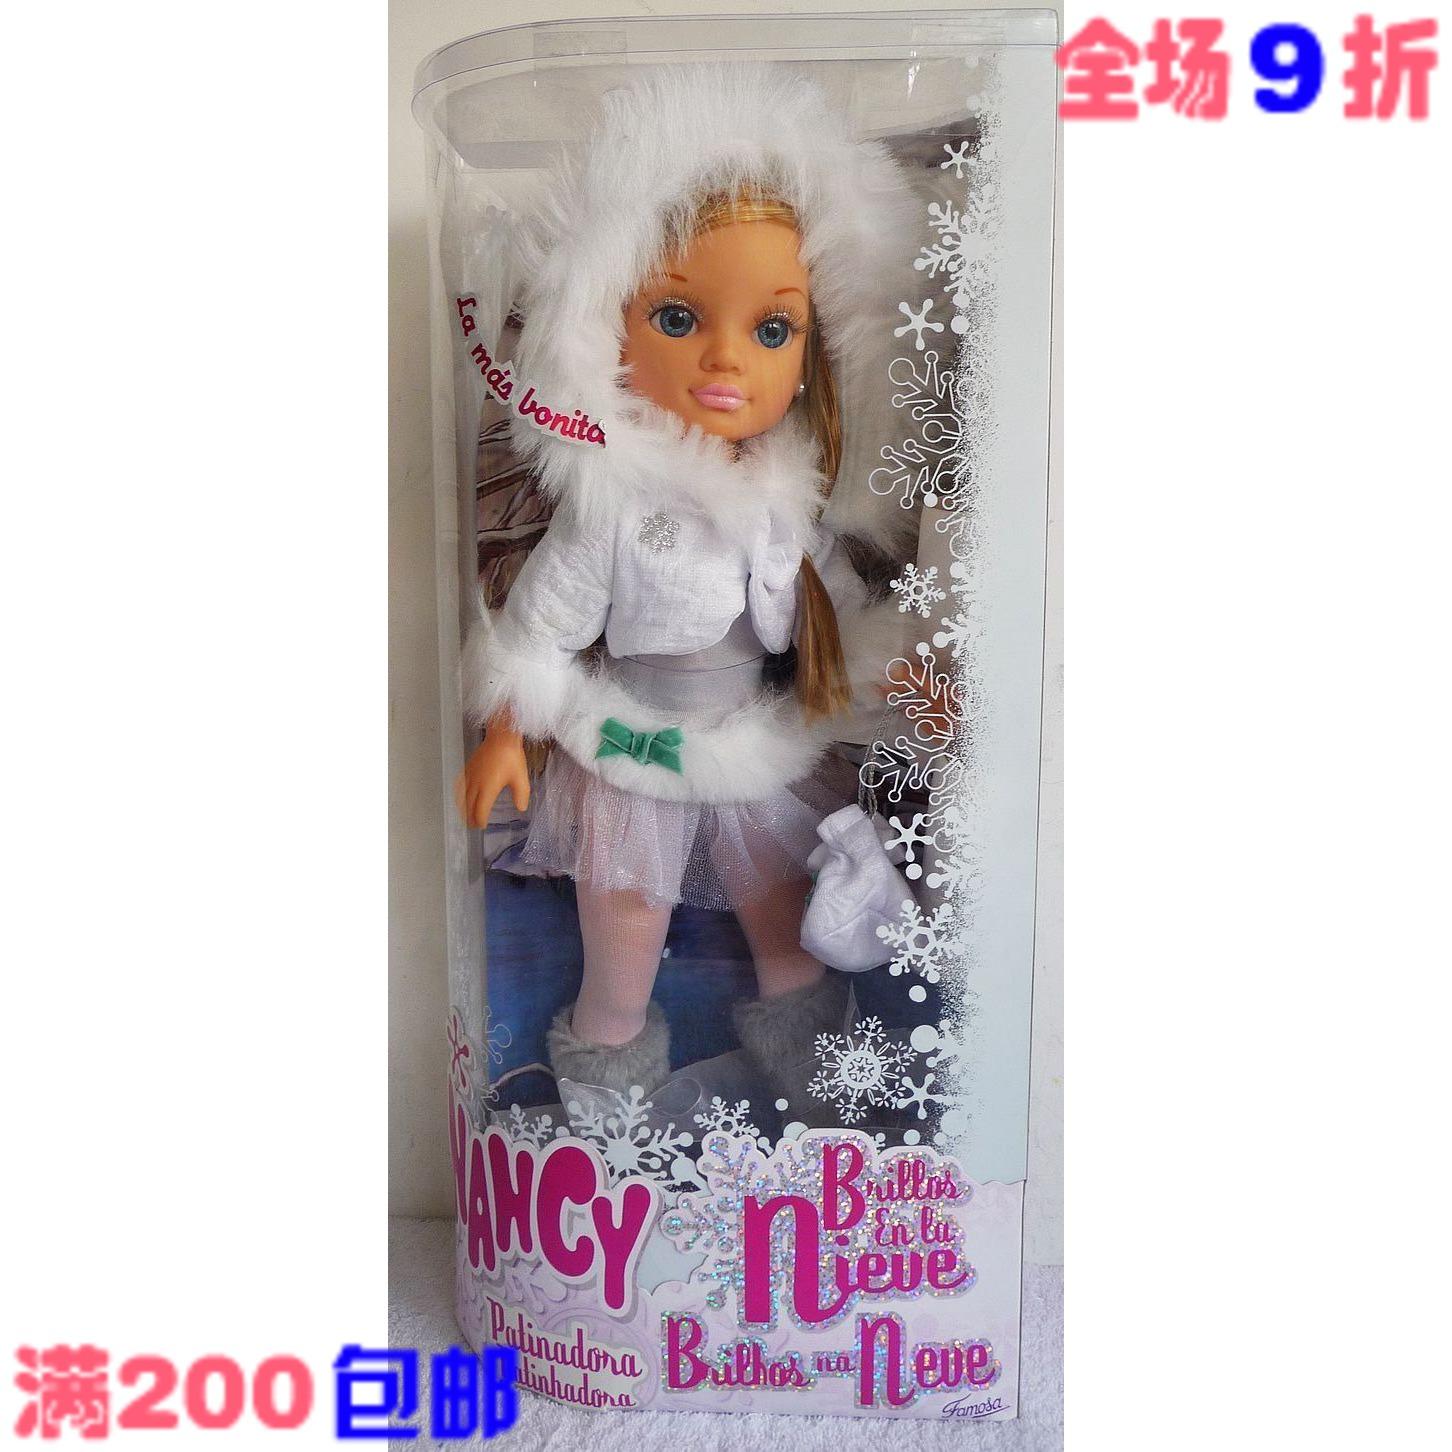 HSB игрушки Нэнси famosa искусственная кукла